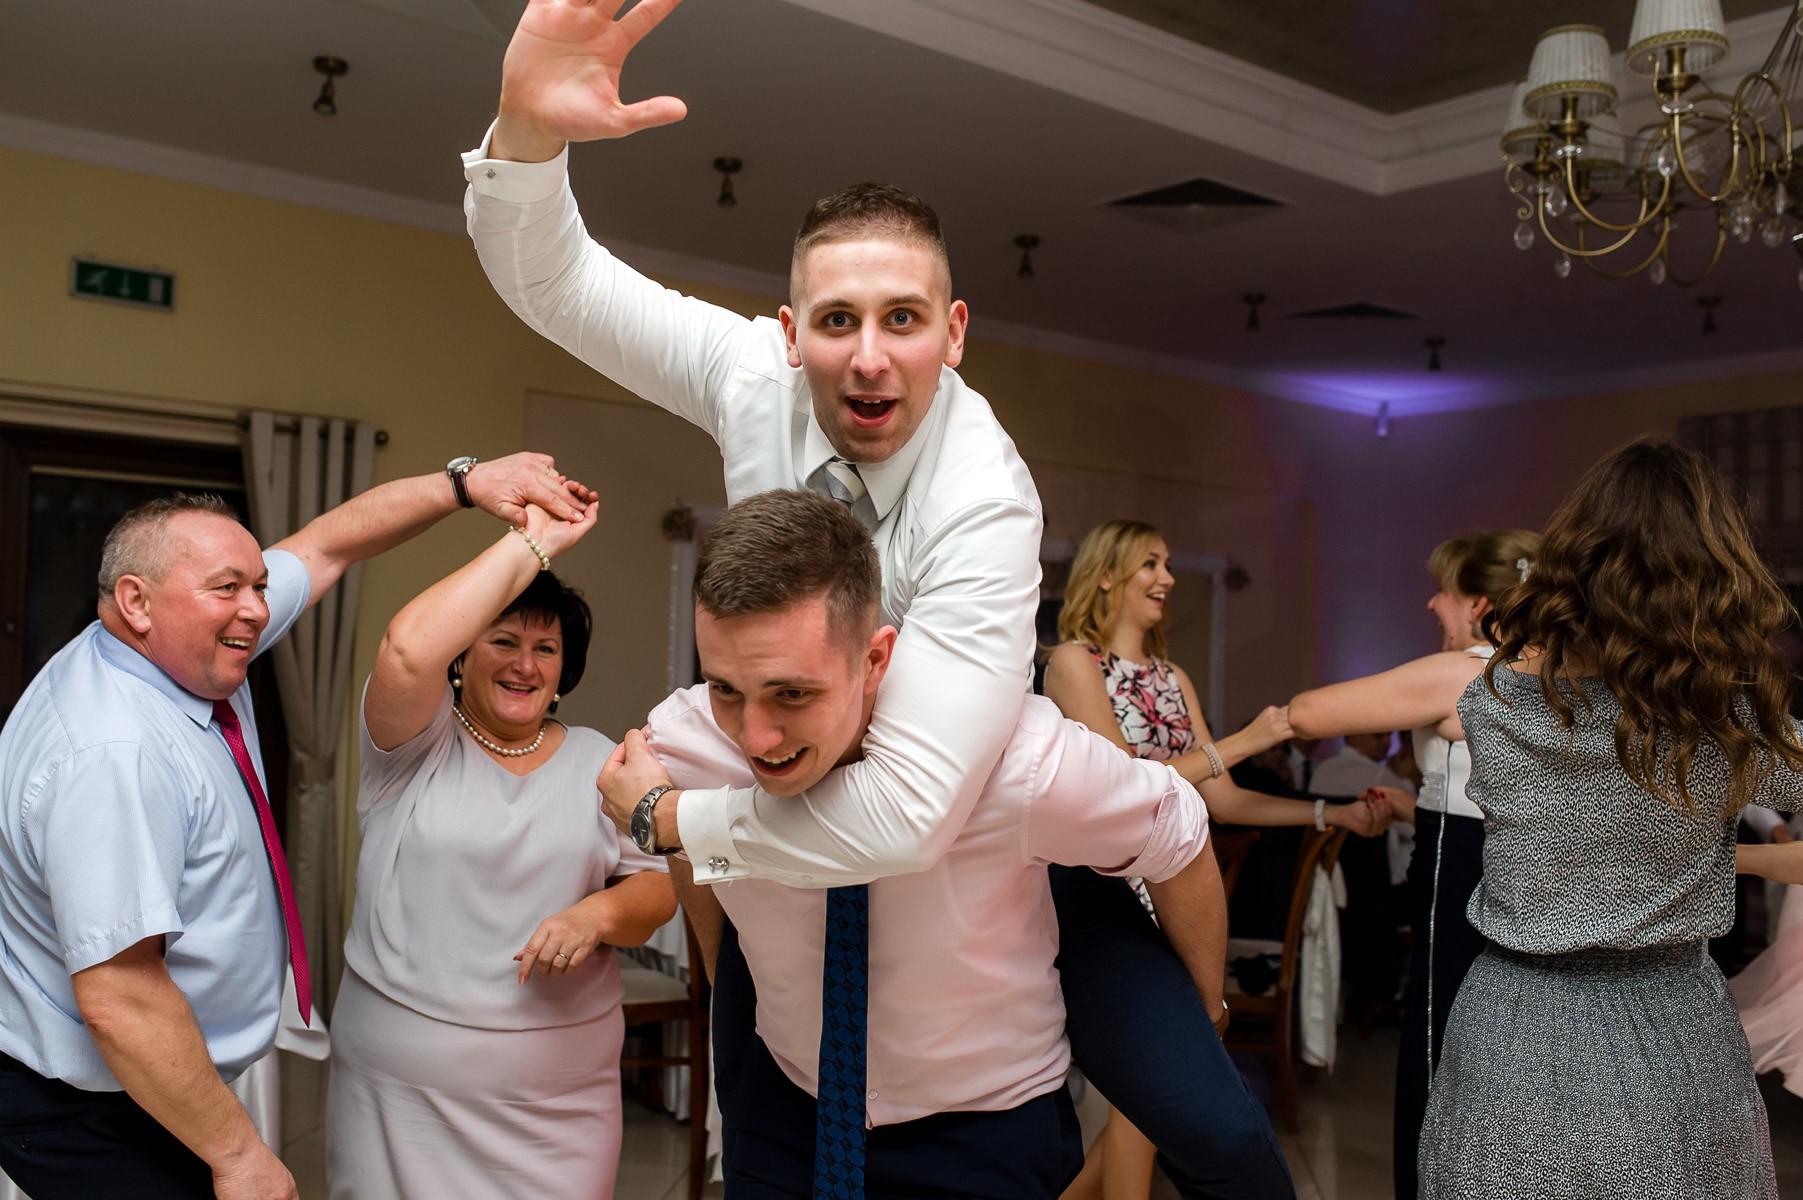 sala na skarpie fotograf slubny slask malopolska adam pietrusiak plener slubny w gorach jw wedding 160